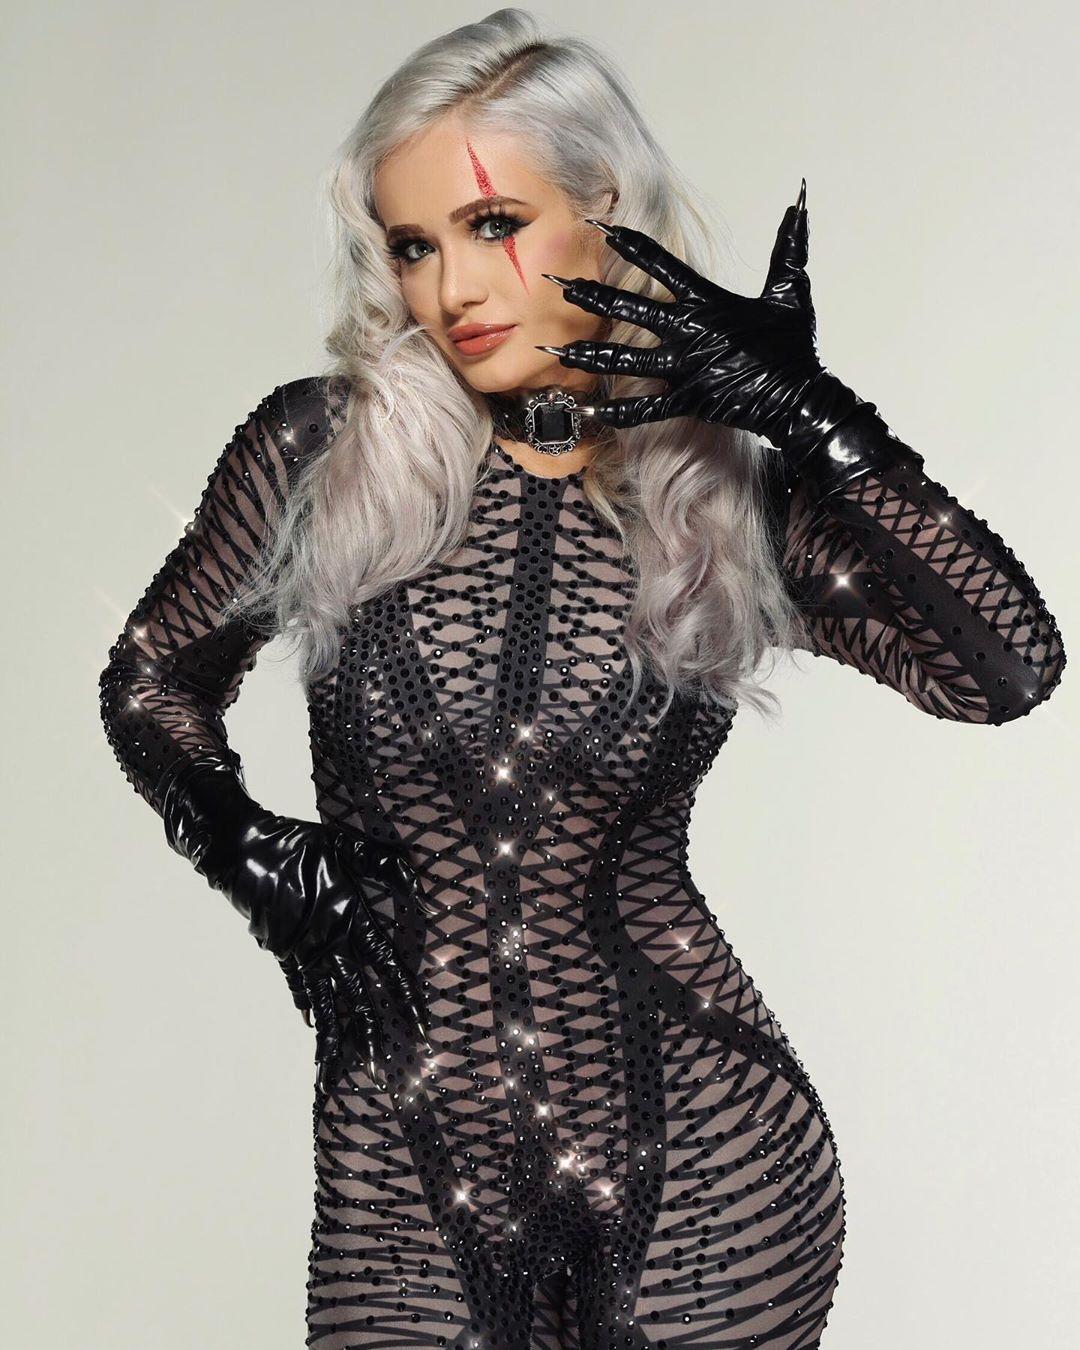 WWE Super Diva Scarlett Bordeaux is Beached! - HD Photo